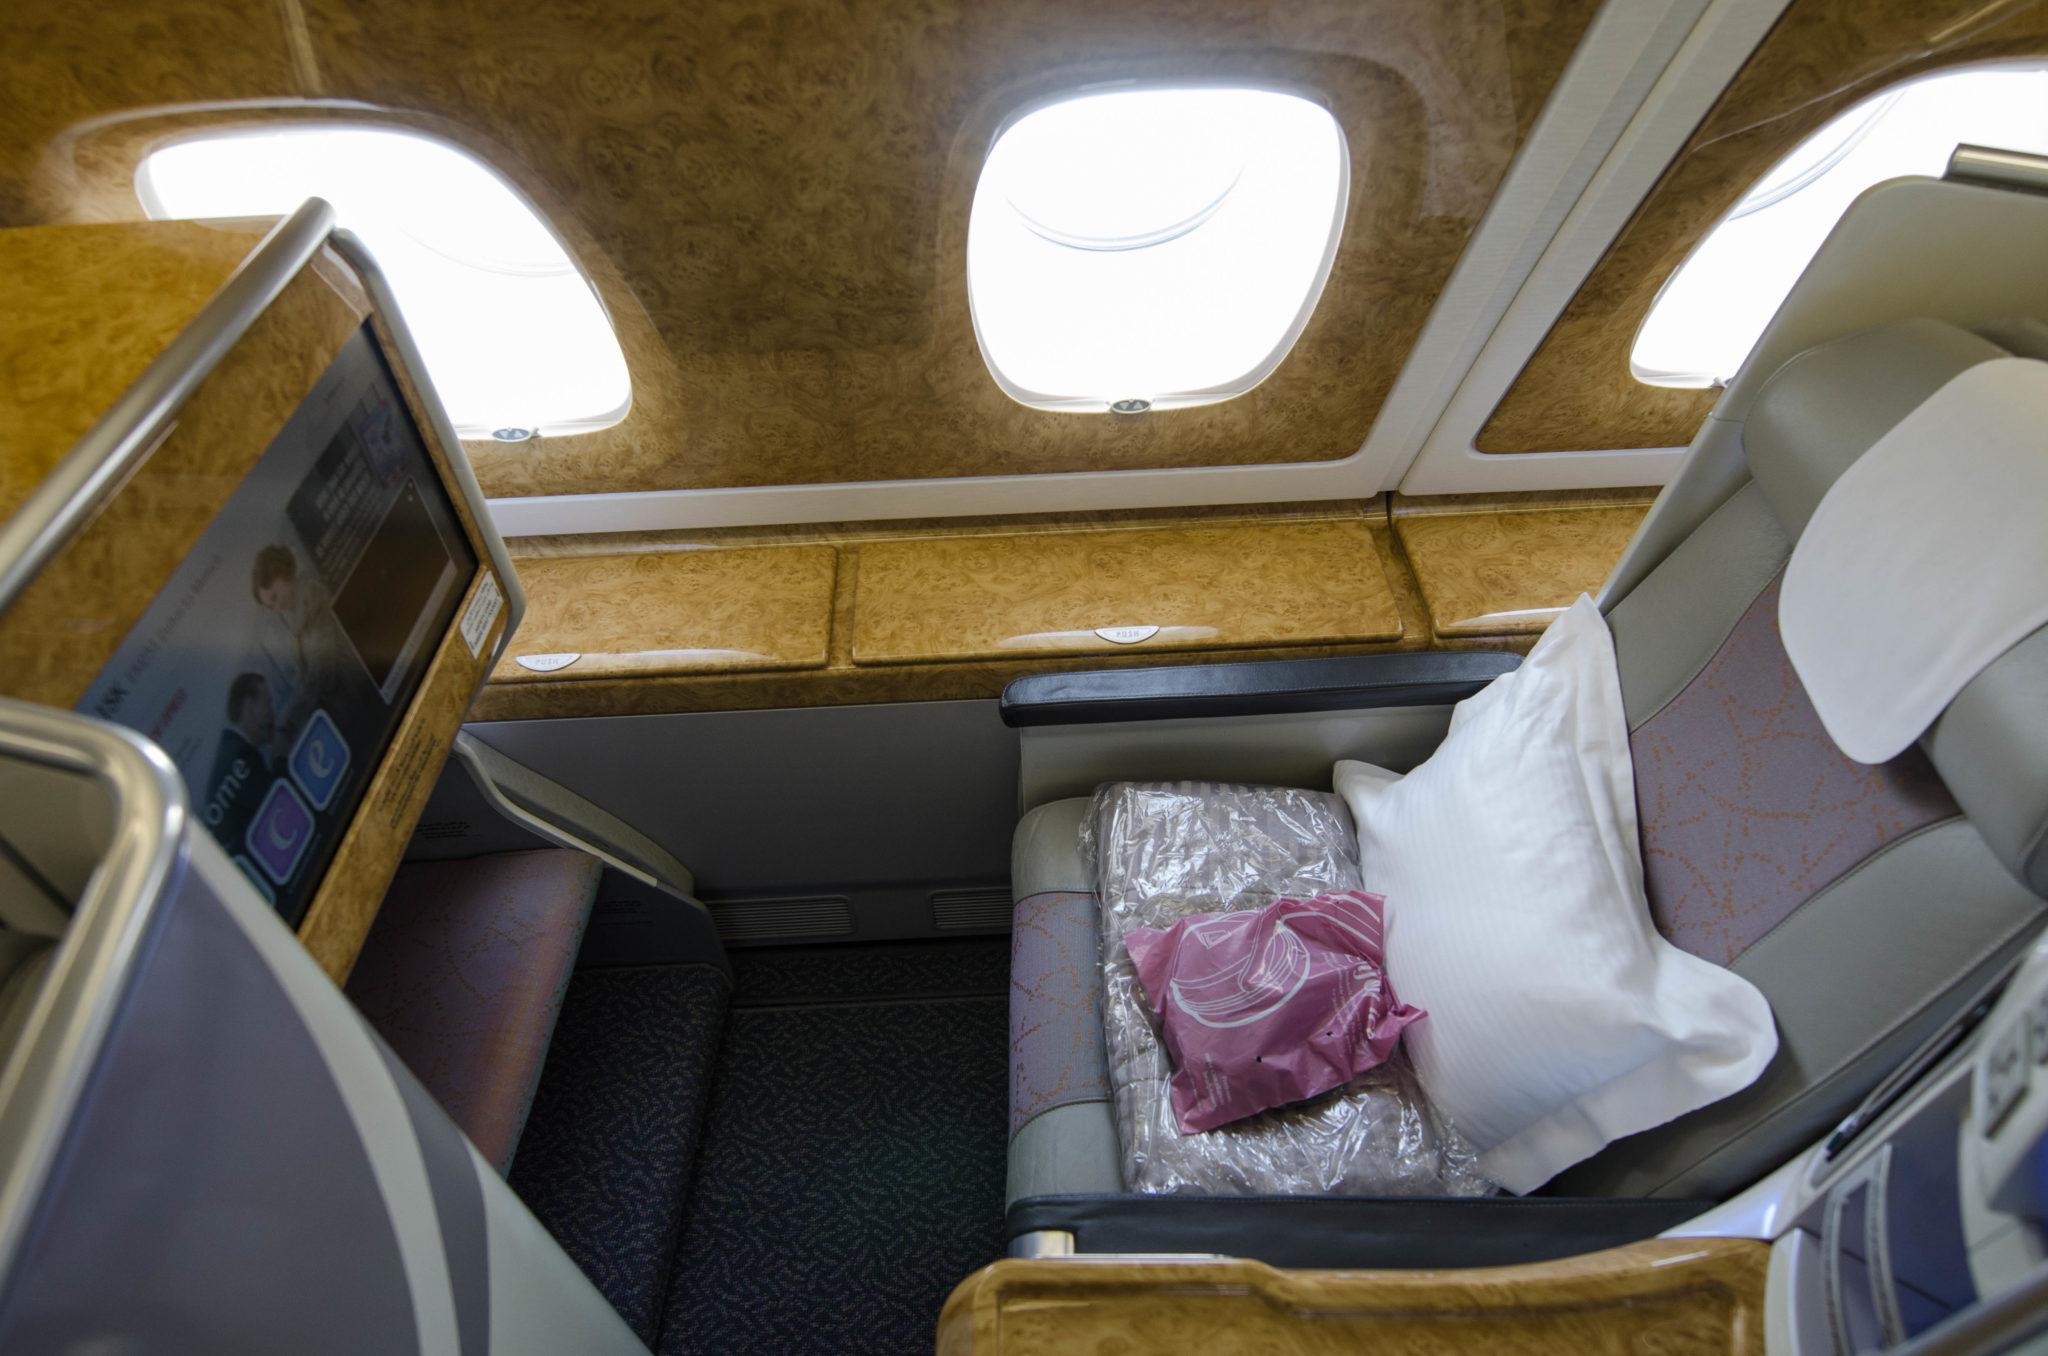 Die Kabine der Emirates Business Class im A380 ist geräumig und hell.